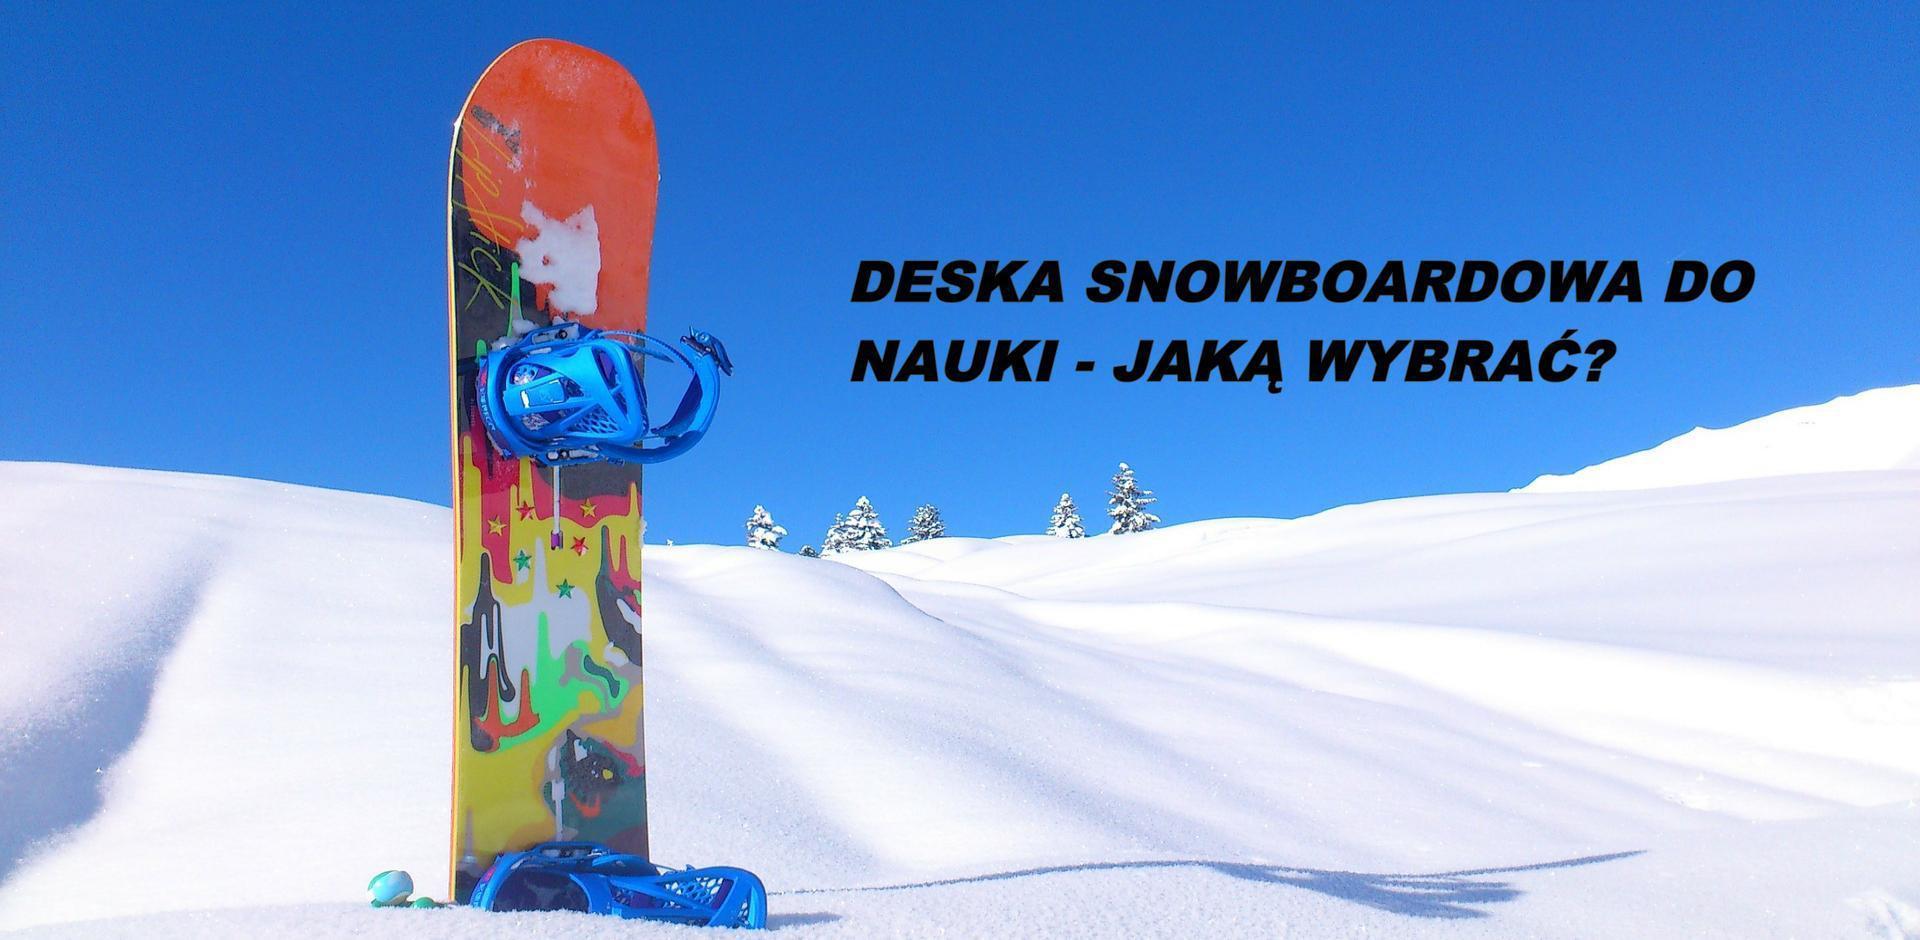 Deska snowboardowa wbita w śnieg na stoku.